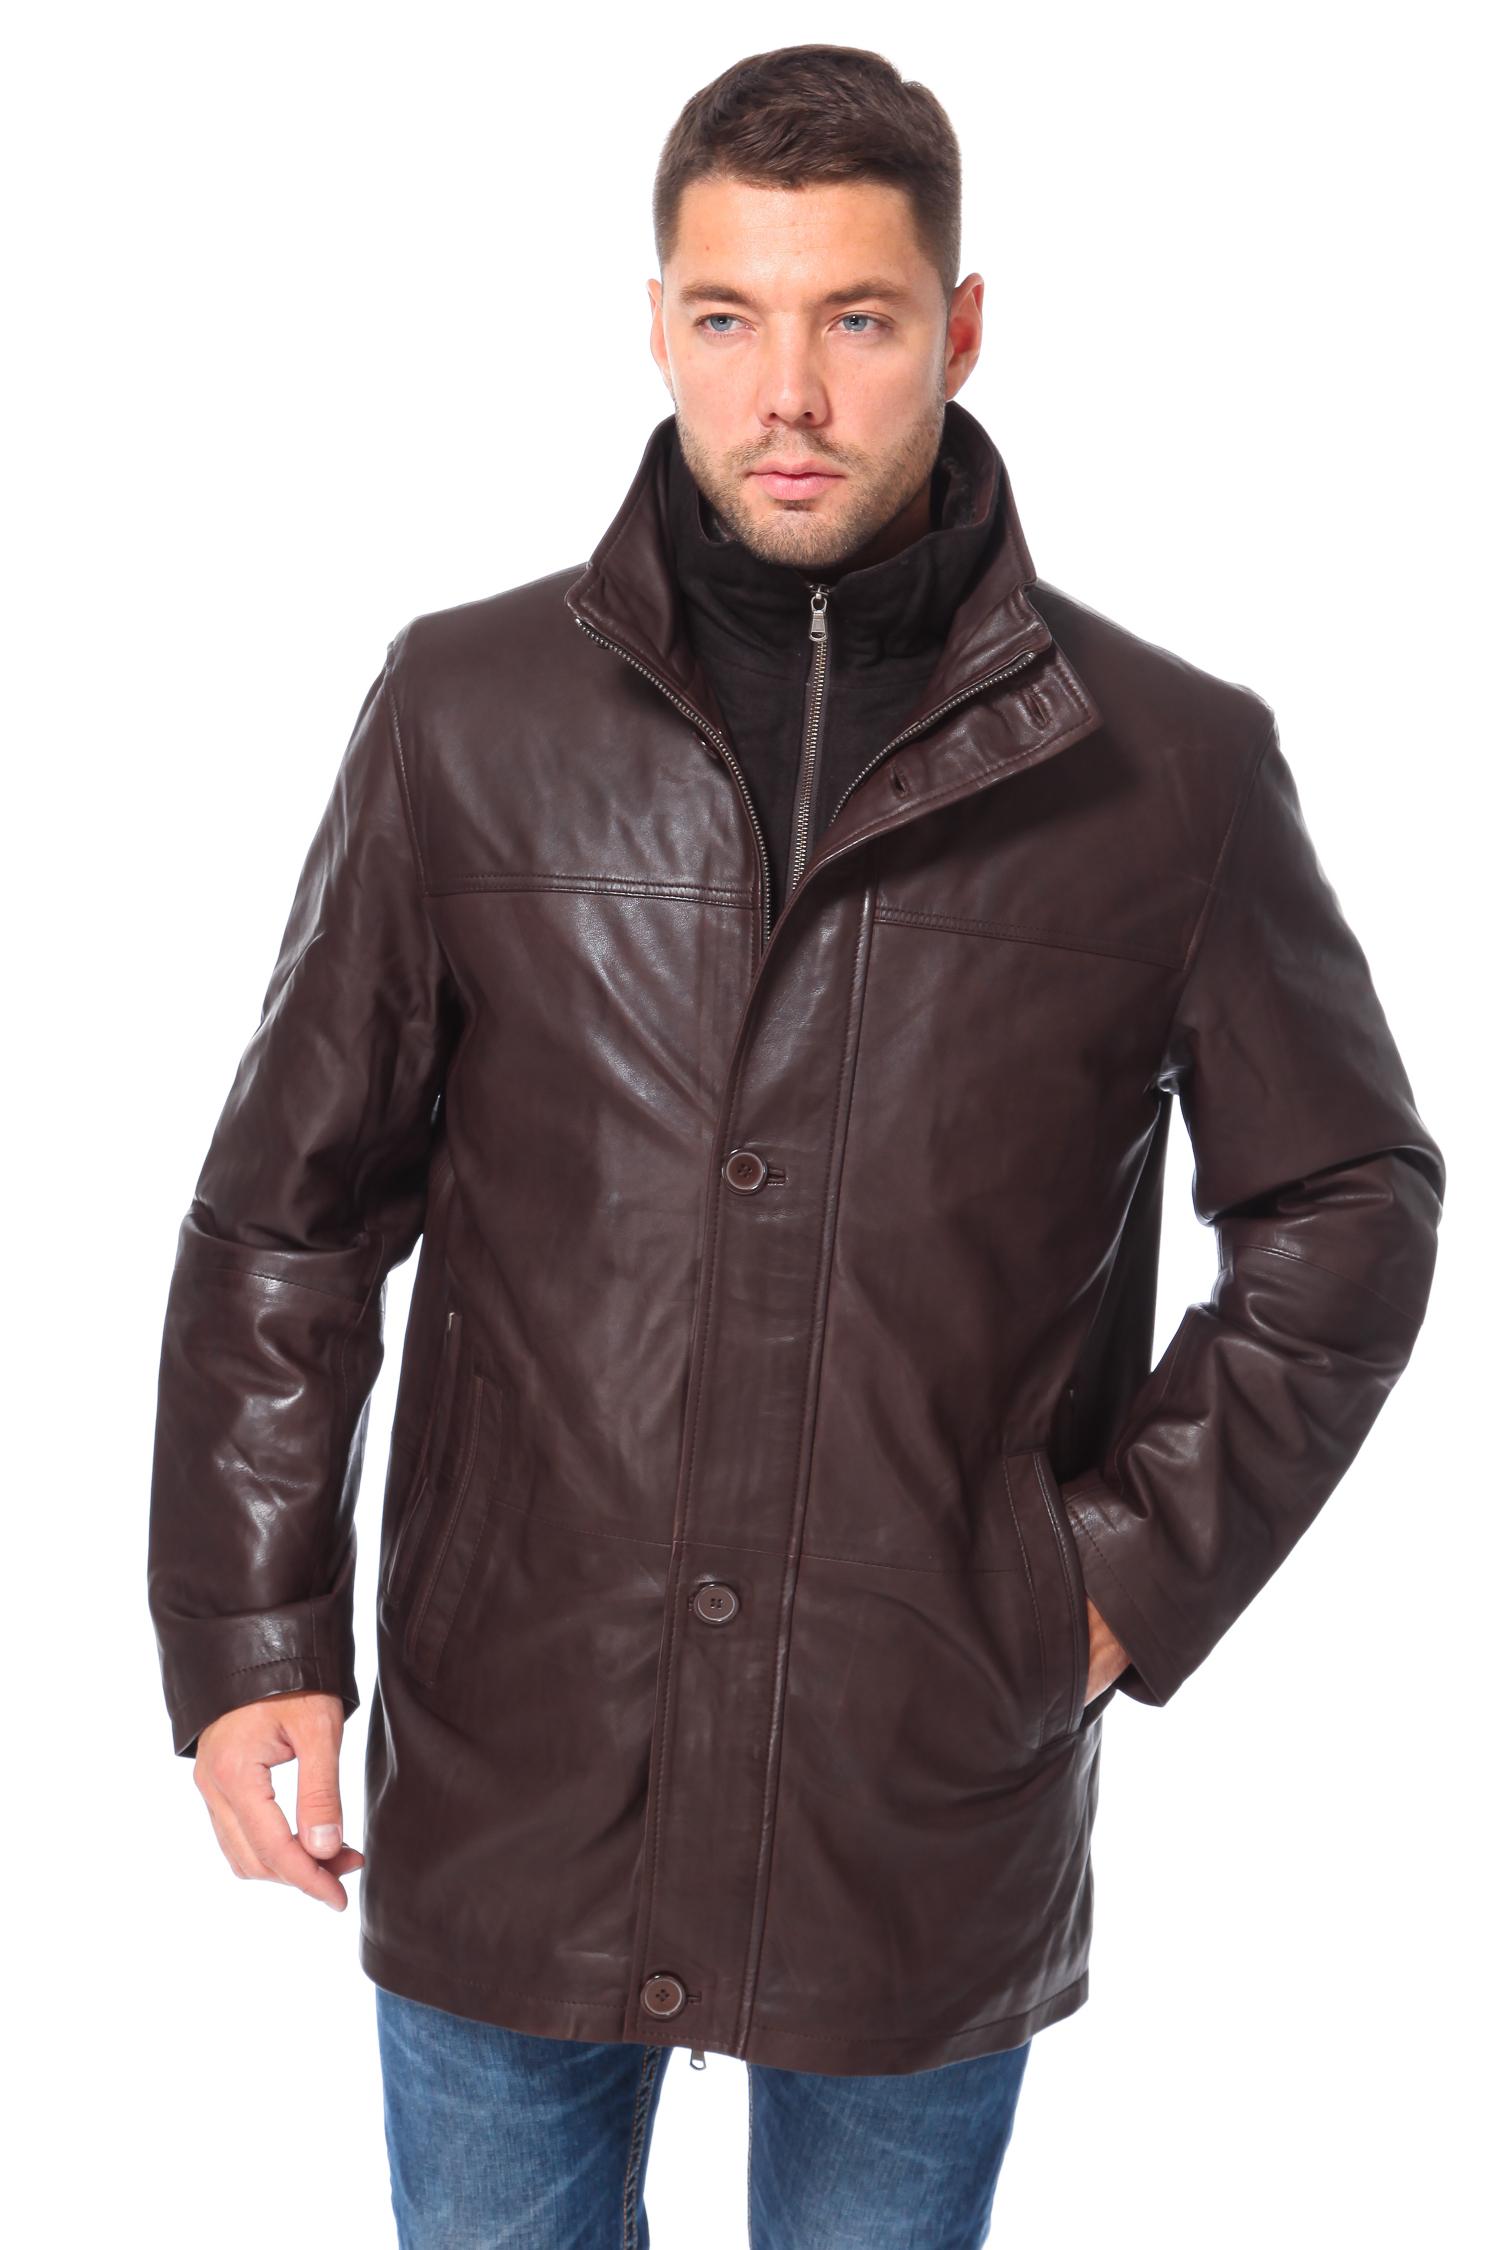 Мужская кожаная куртка из натуральной кожи с воротником, без отделкиЦвет  глубокий коричневый.<br><br>Куртка сшита из высококачественной натуральной кожи. В качестве утеплителя использован синтепон.<br><br>Модель является неким симбиозом элегантности ипрактичности благодаря глубокому цвету, лаконичному, прямому силуэту и минимуму деталей. Трудно переоценить модель, отличное качество и универсальный фасон которой позволят носить ее в течение нескольких сезонов. Крой модели гарантирует идеальную посадку, визуально расширяет линию плеч и сужает линию бедра, что делает силуэт еще более мужественным. Глухой воротник стойка, наряду с ветрозащитной планкой на пуговицах, закрывающей молнию застежки, создают надежный барьер на пути холода и ветра.Классический и одновременно оригинальный фасон модели еще долго будет находиться на пике моды, поэтому изделие вы сможете носить несколько сезонов. Эта статусная вещь подчеркнет великолепный вкус ее обладателя.<br><br>Воротник: Стойка<br>Длина см: 80<br>Материал: Натуральная кожа<br>Цвет: Коричневый<br>Застежка: Синтепон<br>Пол: Мужской